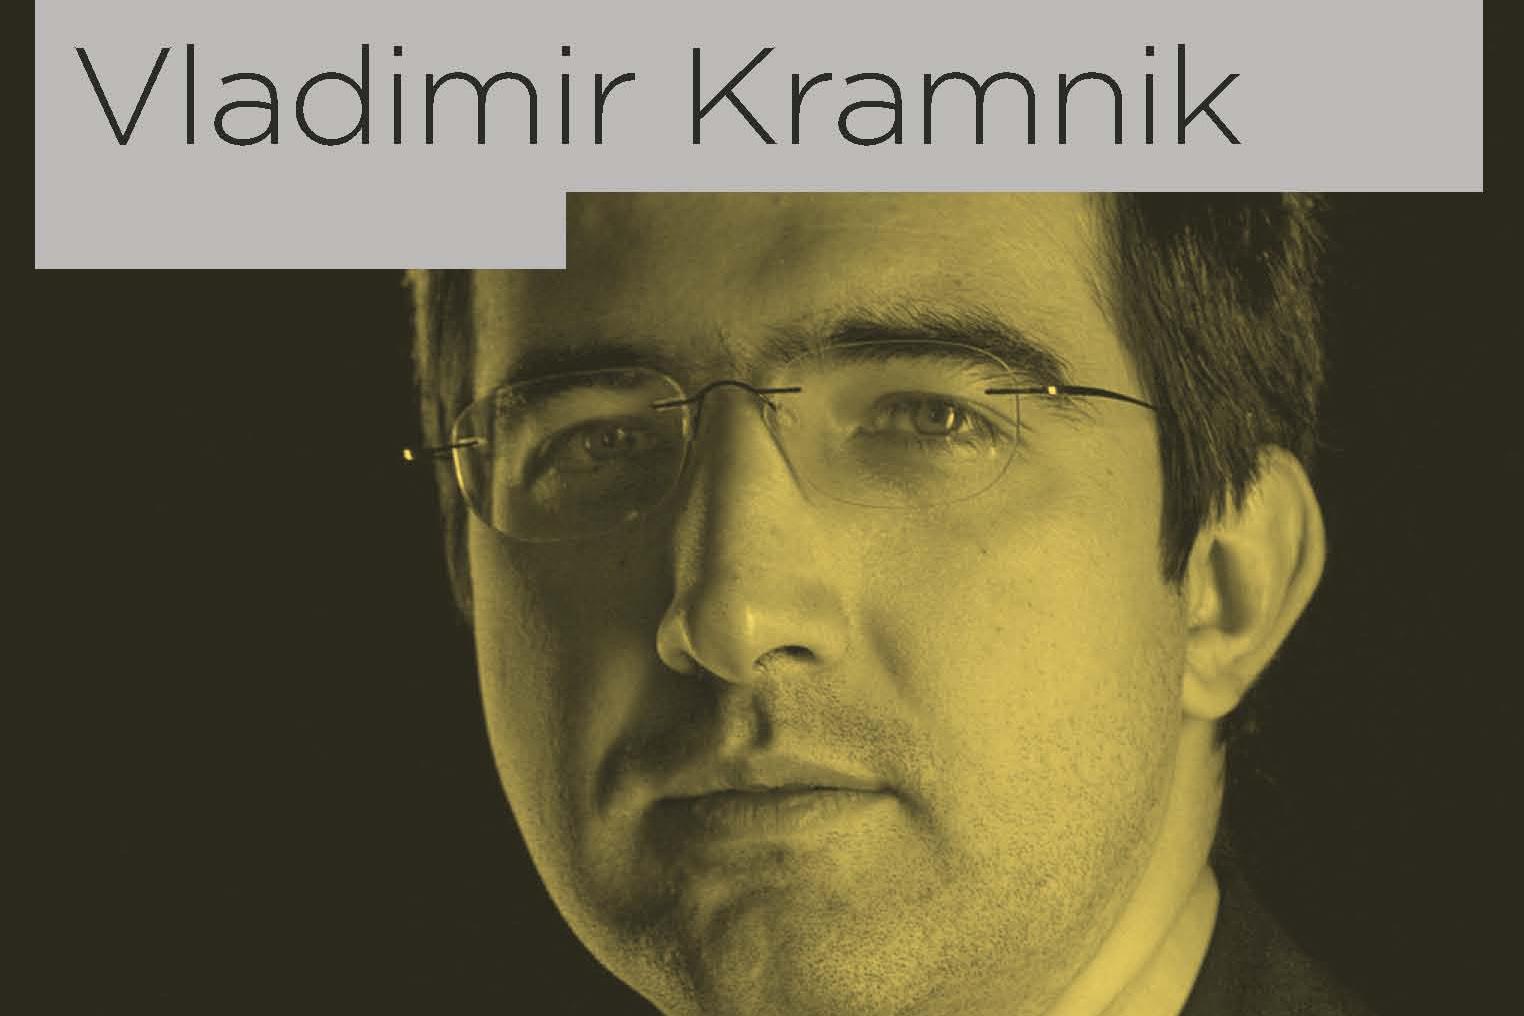 For white to opening kramnik pdf according